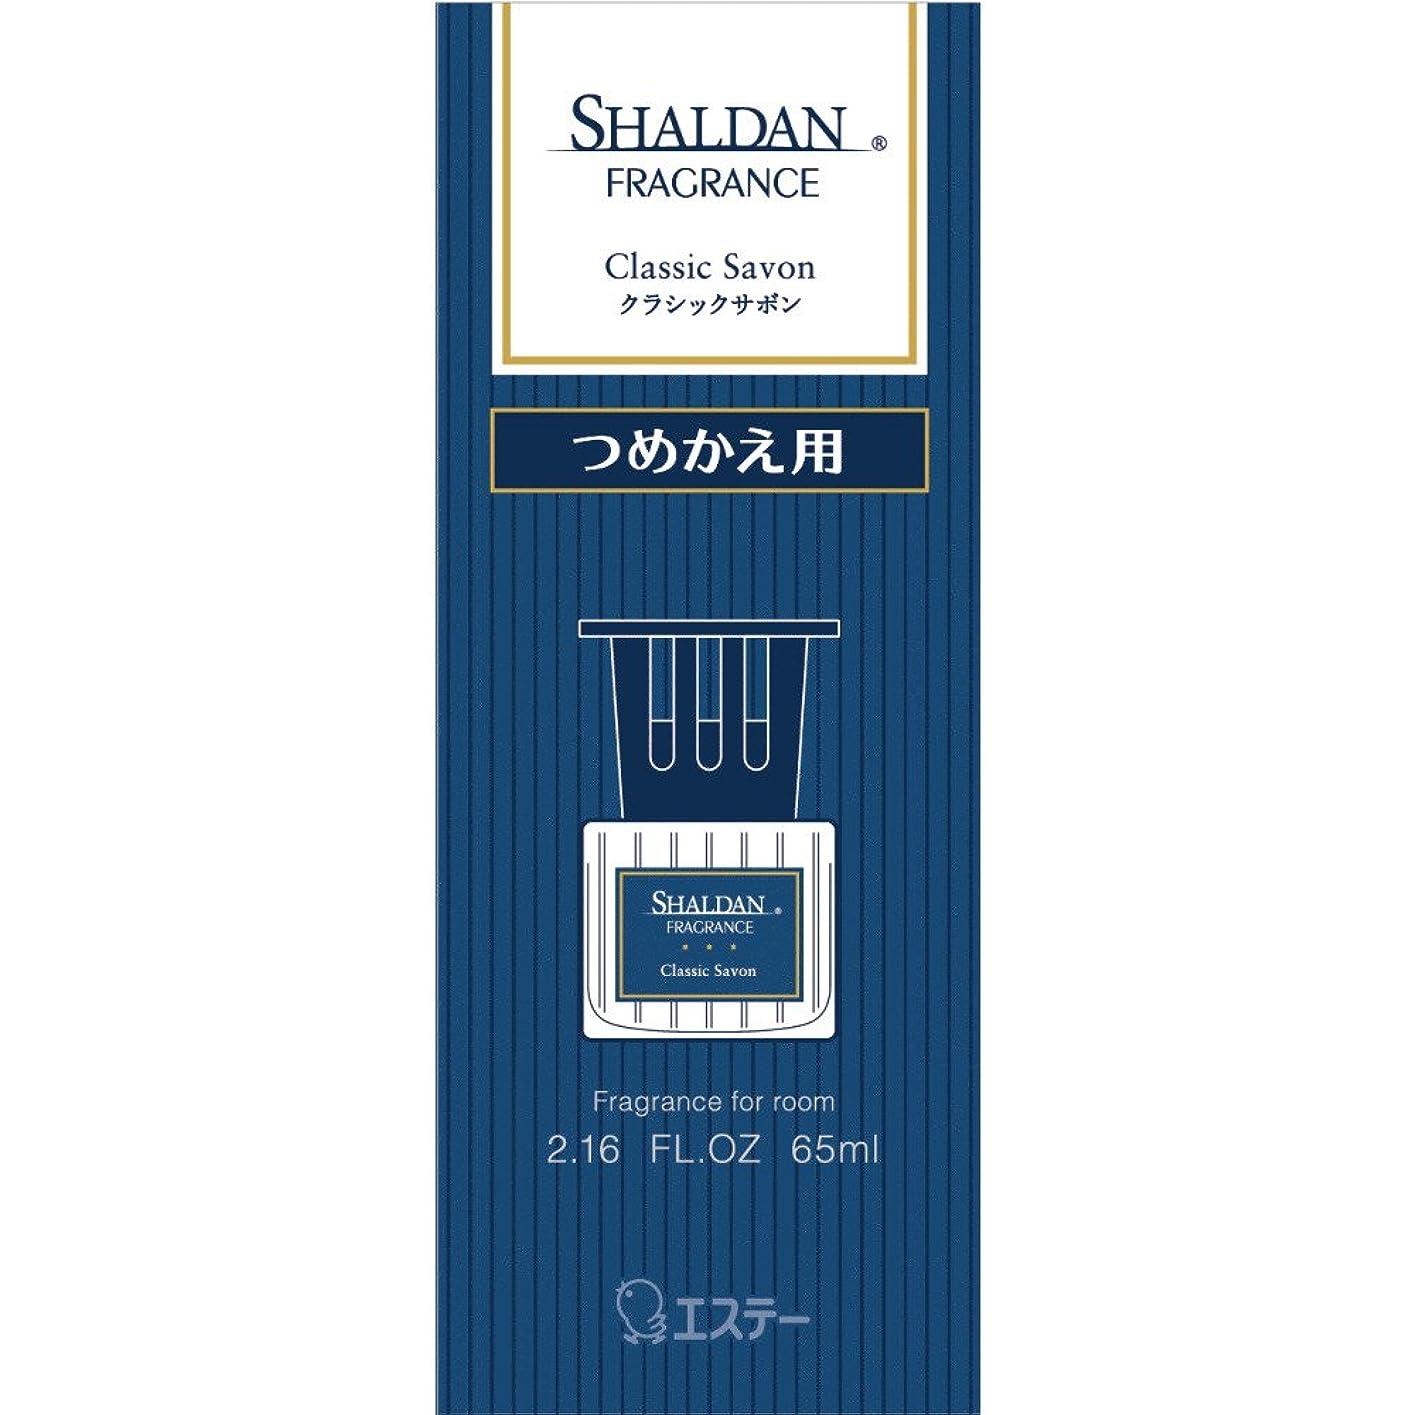 さておきユニークなシネウィシャルダン SHALDAN フレグランス 消臭芳香剤 部屋用 つめかえ クラシックサボン 65ml